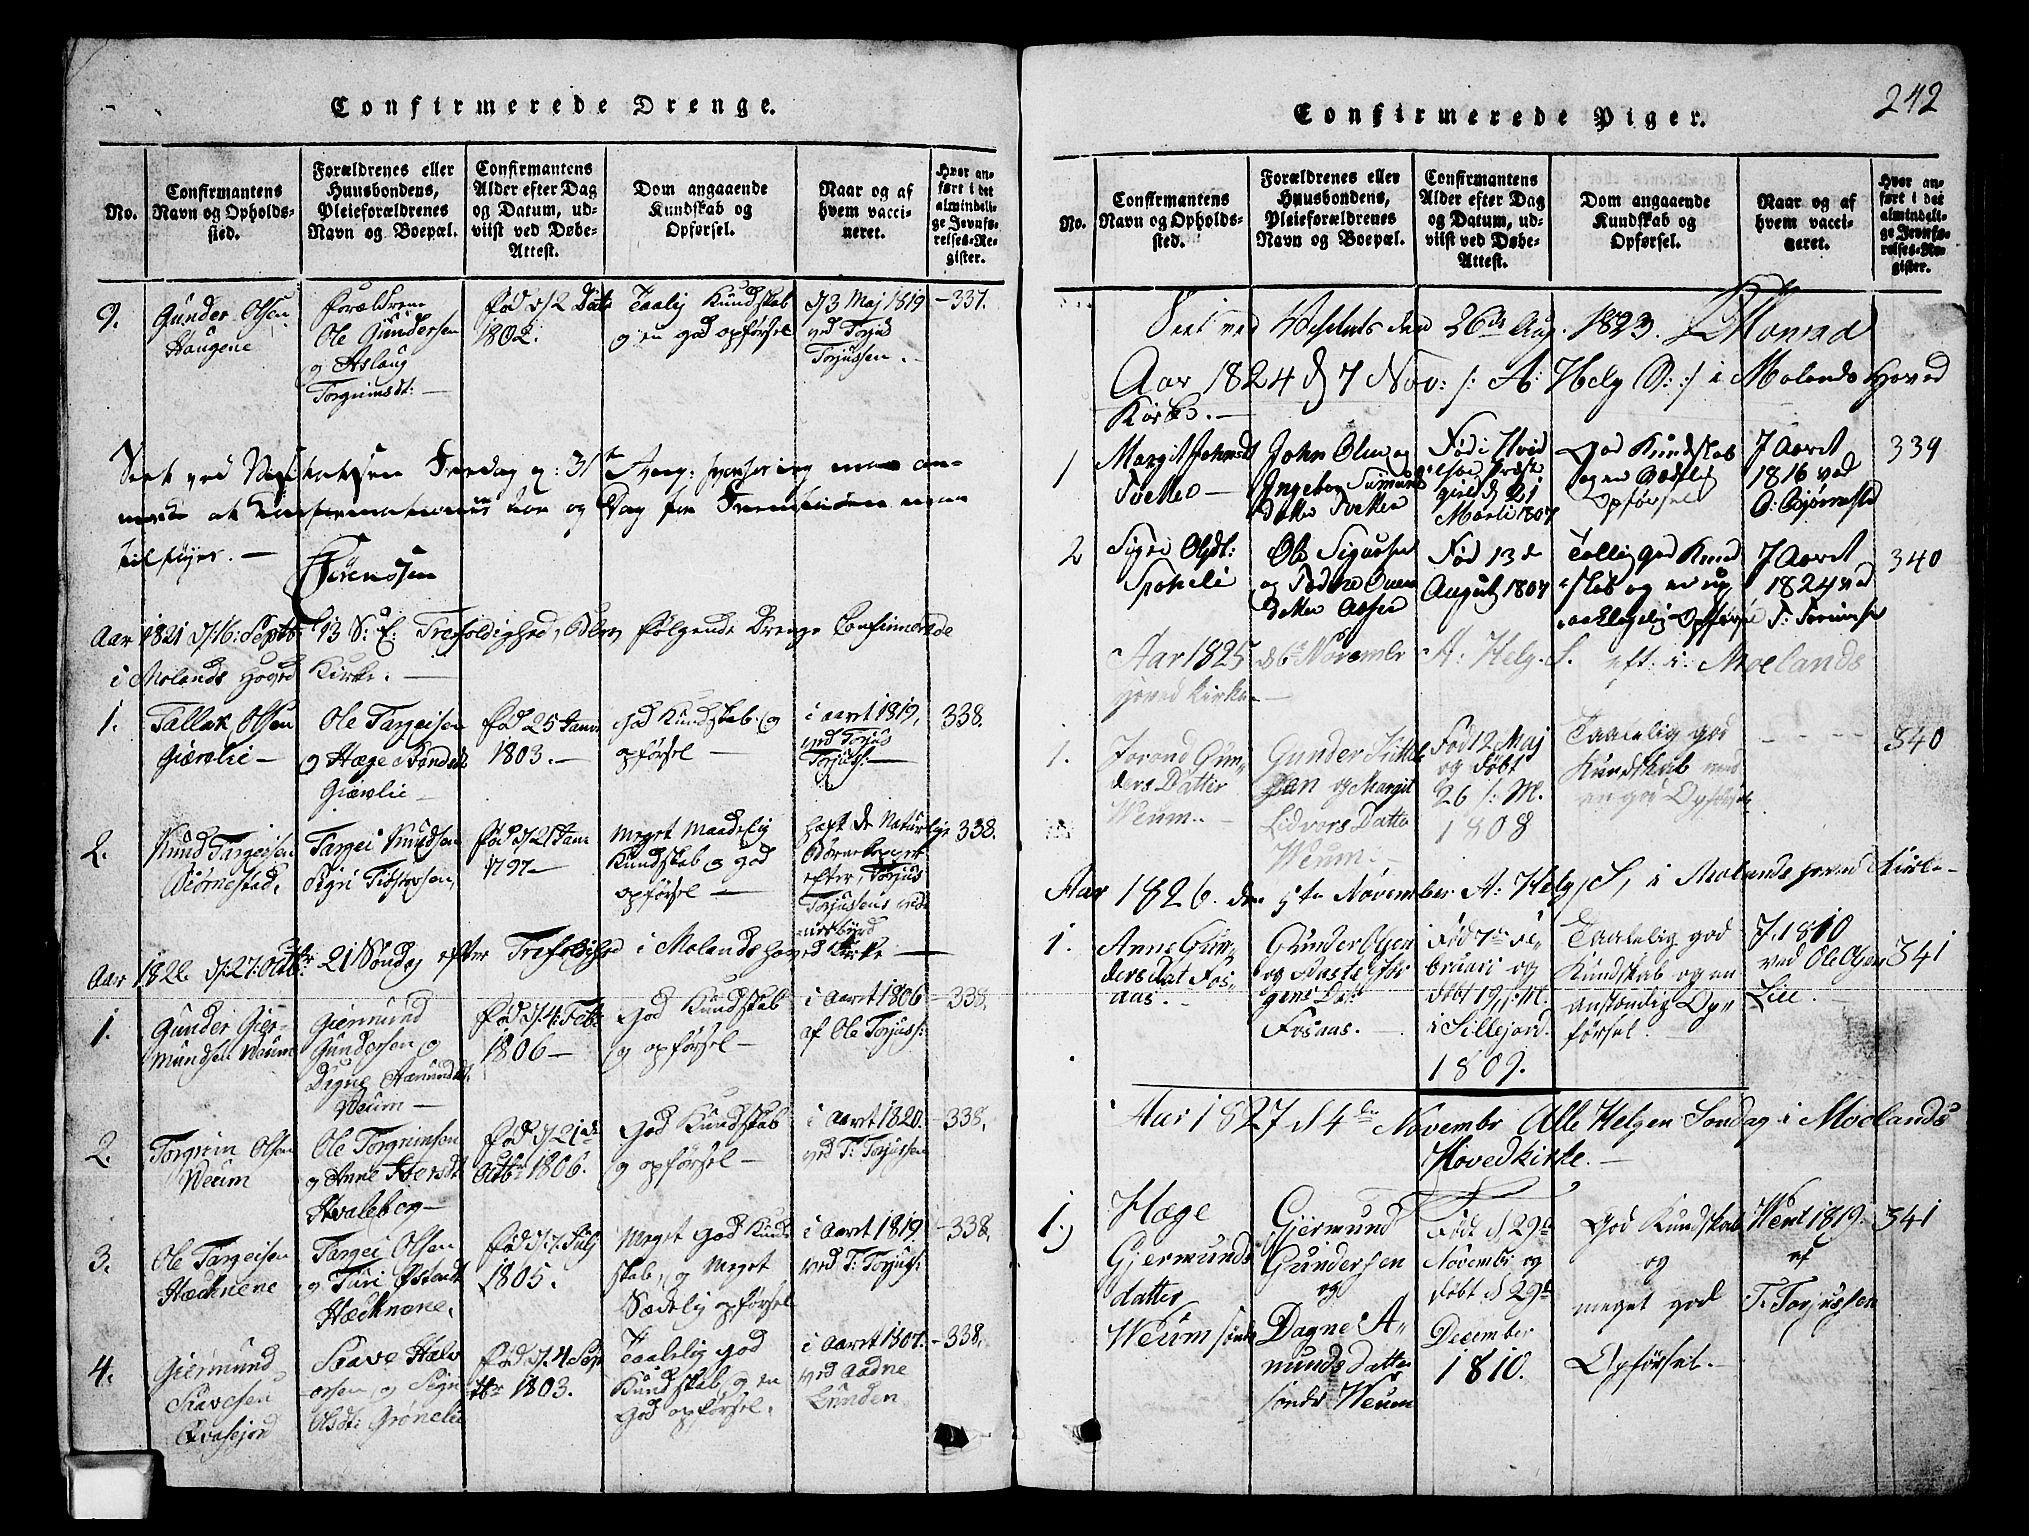 SAKO, Fyresdal kirkebøker, G/Ga/L0003: Klokkerbok nr. I 3, 1815-1863, s. 242